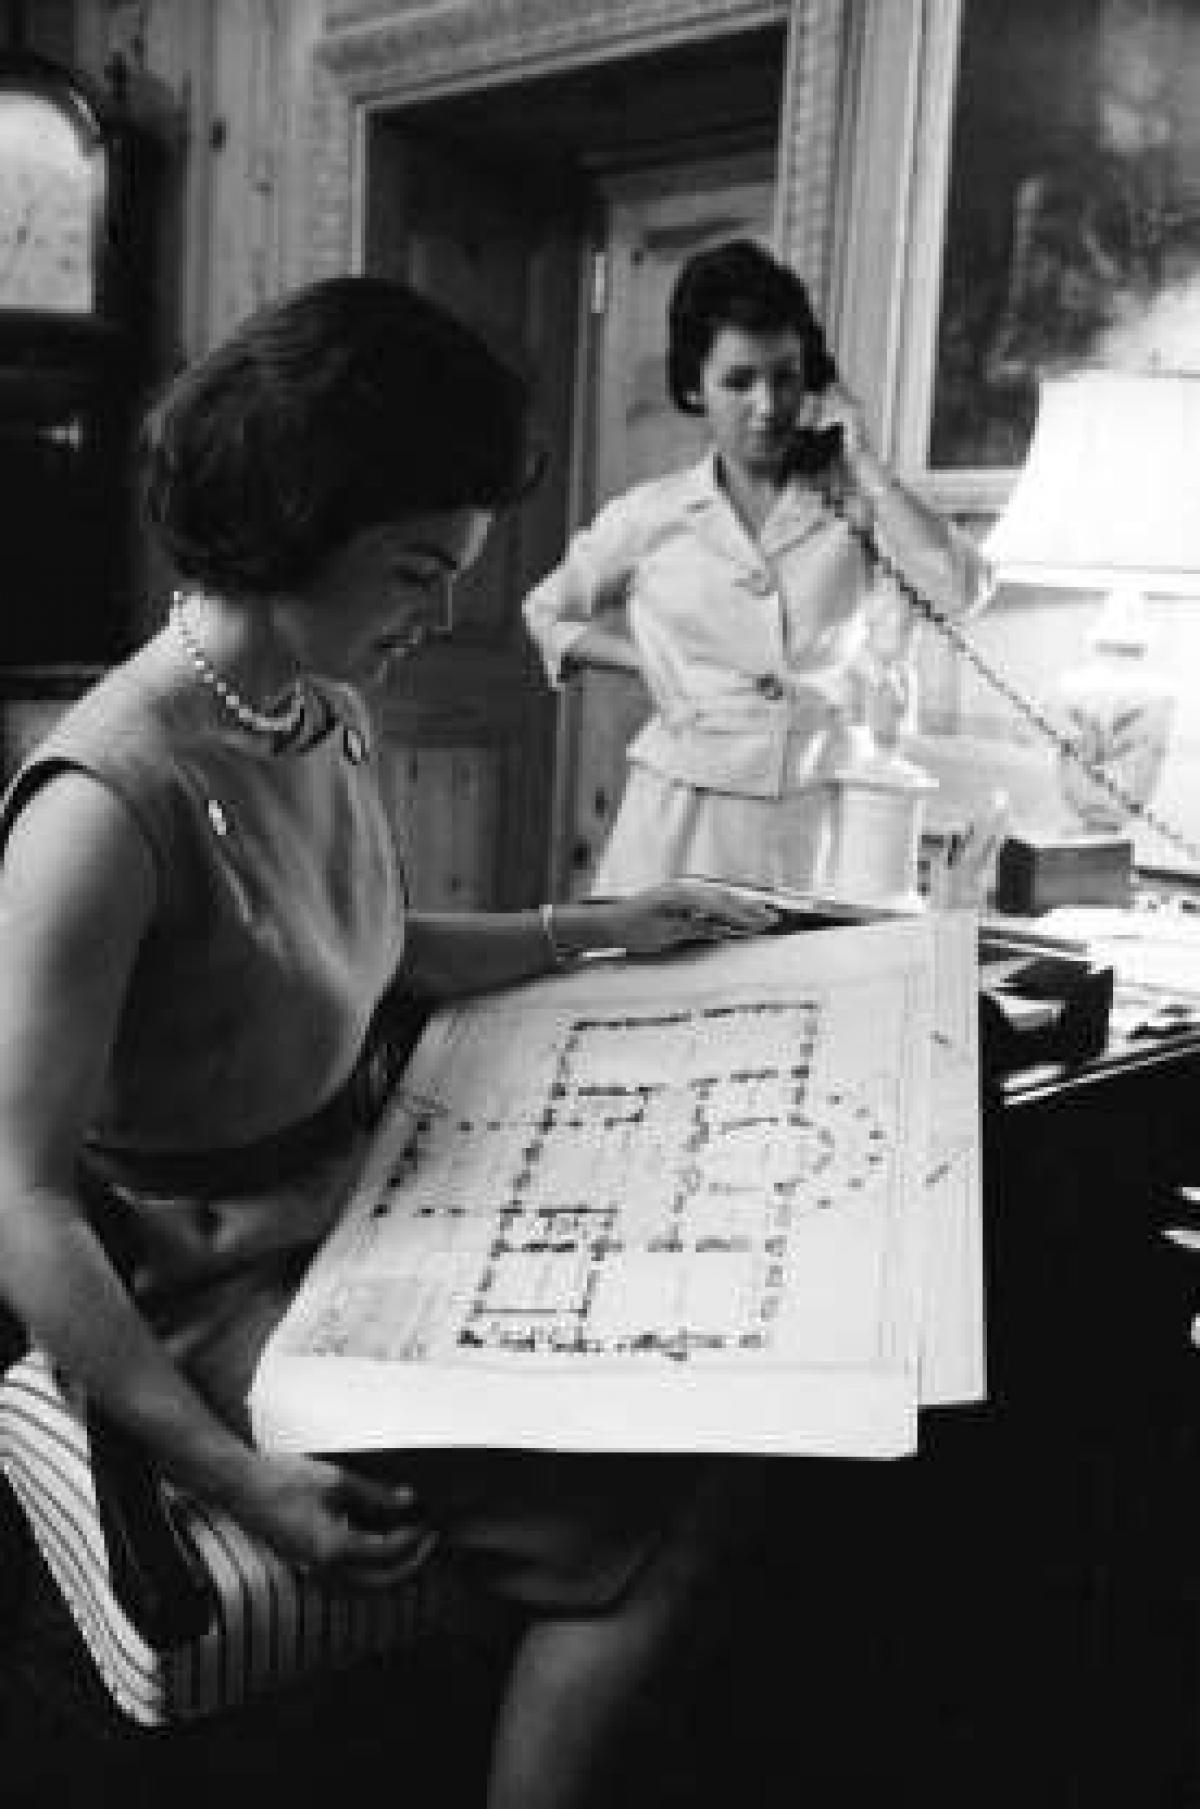 """Đệ nhất phu nhân chỉ có thể trang trí một vài nơi trong Nhà Trắng: Trong khi gia đình của Tổng thống được phép mang các đồ dùng cá nhân vào Nhà Trắng thì có một số căn phòng họ không được tự ý quyết định. Kate Andersen Brower, tác giả của cuốn """"First Women: The Grace and Power of America's Modern First Ladies"""" (tạm dịch là Những người phụ nữ đầu tiên: Sức hút và Quyền lực của Các Đệ nhất phu nhân Mỹ hiện đại) đã giải thích rằng, một số khu vực trong Nhà Trắng là những phòng truyền thống, do đó, chúng thuộc về người dân Mỹ chứ không phải các gia đình sống ở đây."""